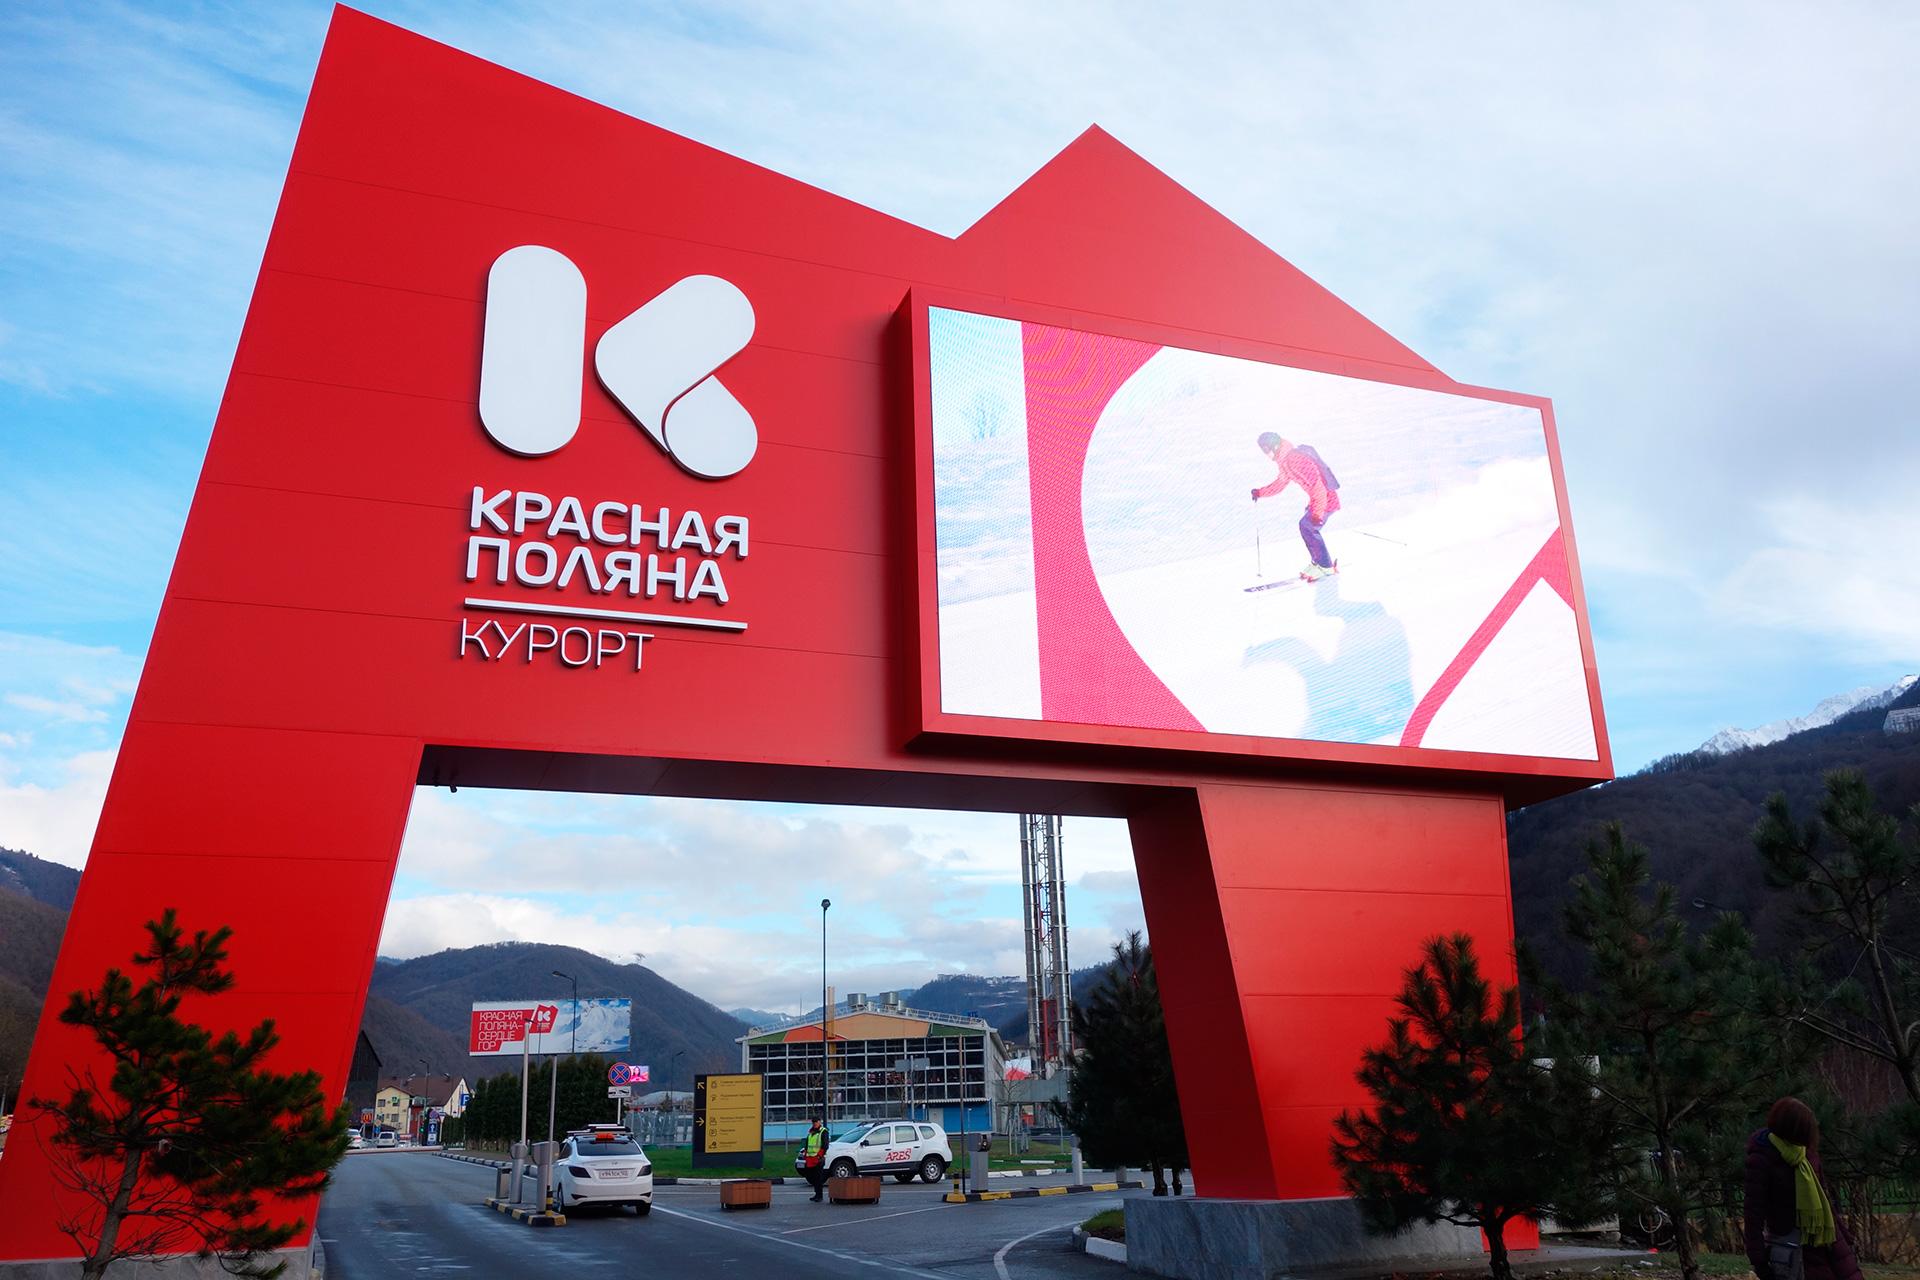 Красная Поляна, Красная арка, Red arch, въездная арка на курорт, entrance arch resort, architectural-environmental object, архитектурно-средовой объект